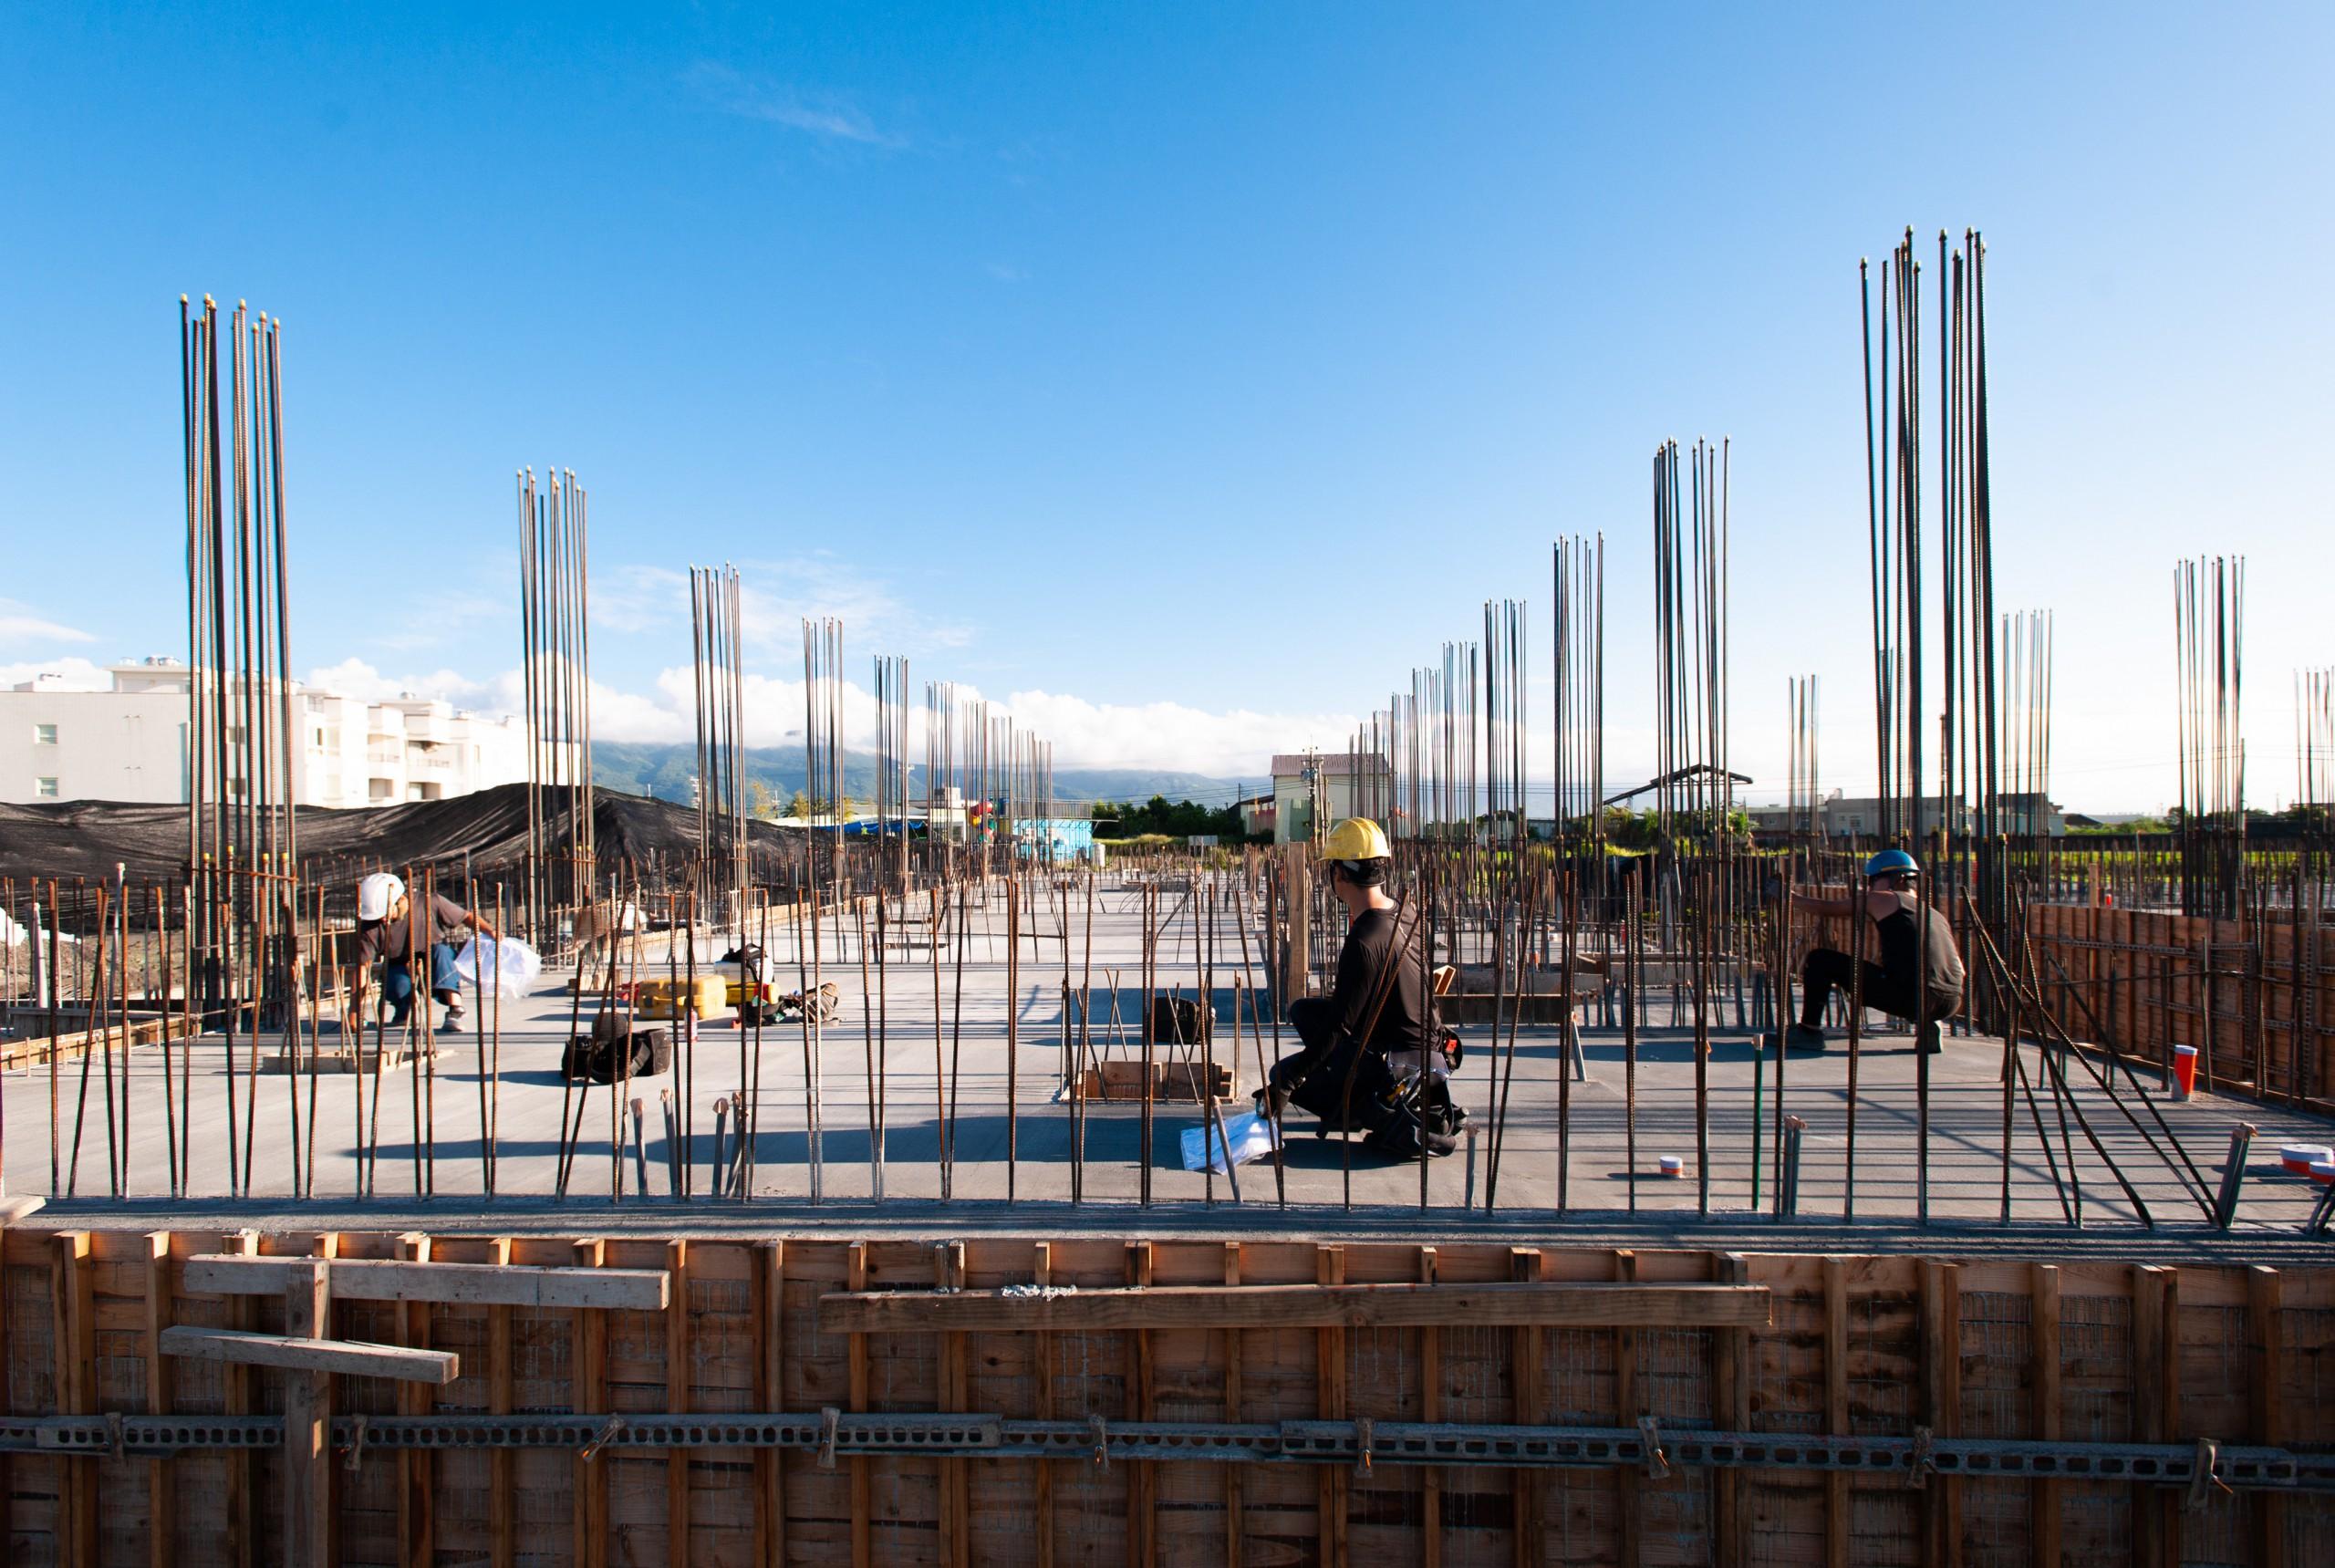 德築-DEZU-project-Zutian-architecture-real-estate-engineering-layout-survey-22